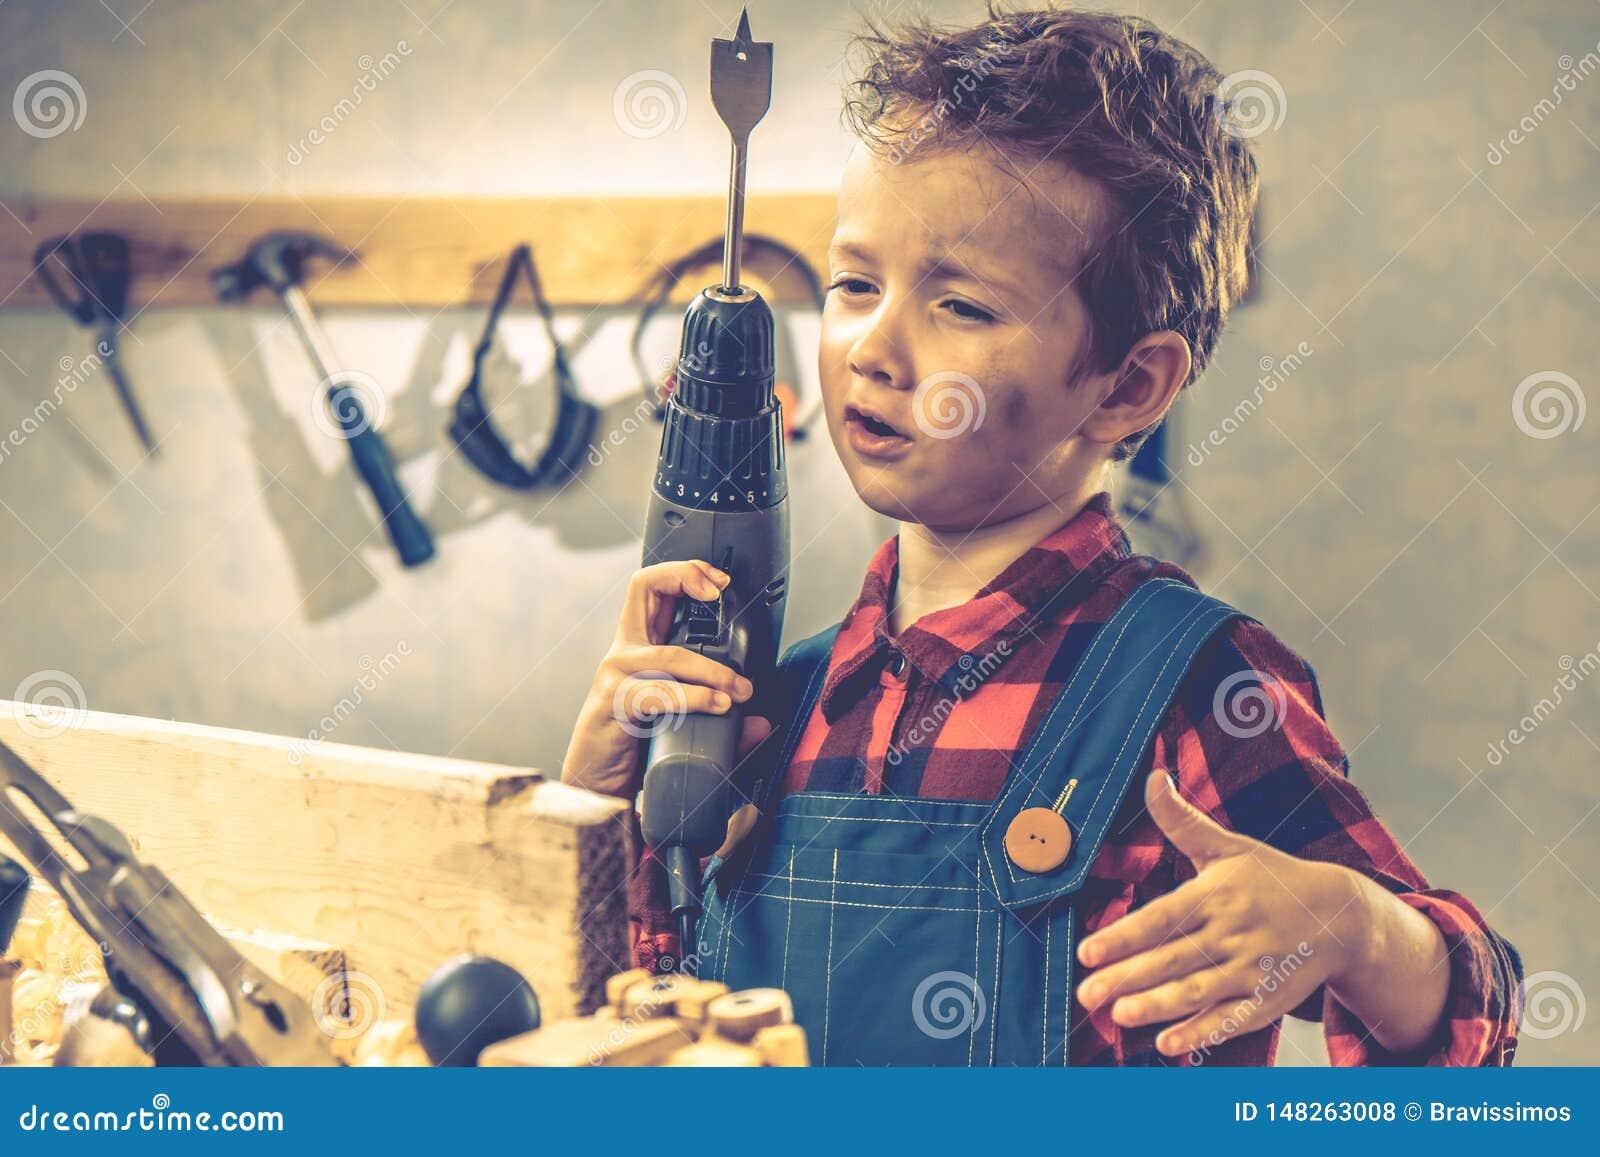 儿童父亲节概念,木匠工具,人家